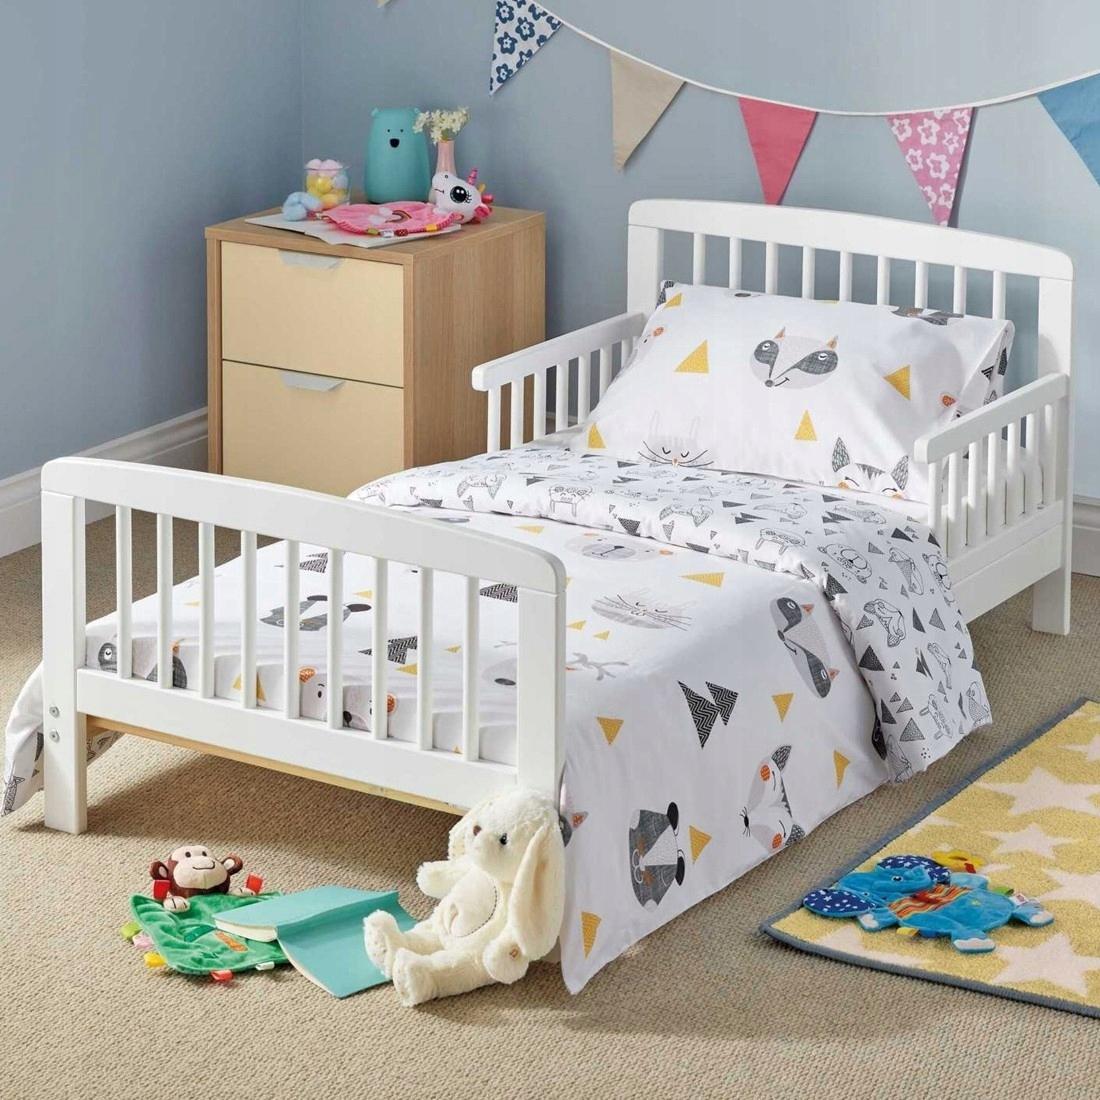 łóżko Dziecięce Junior 70x140 Meble Doktór 7546951177